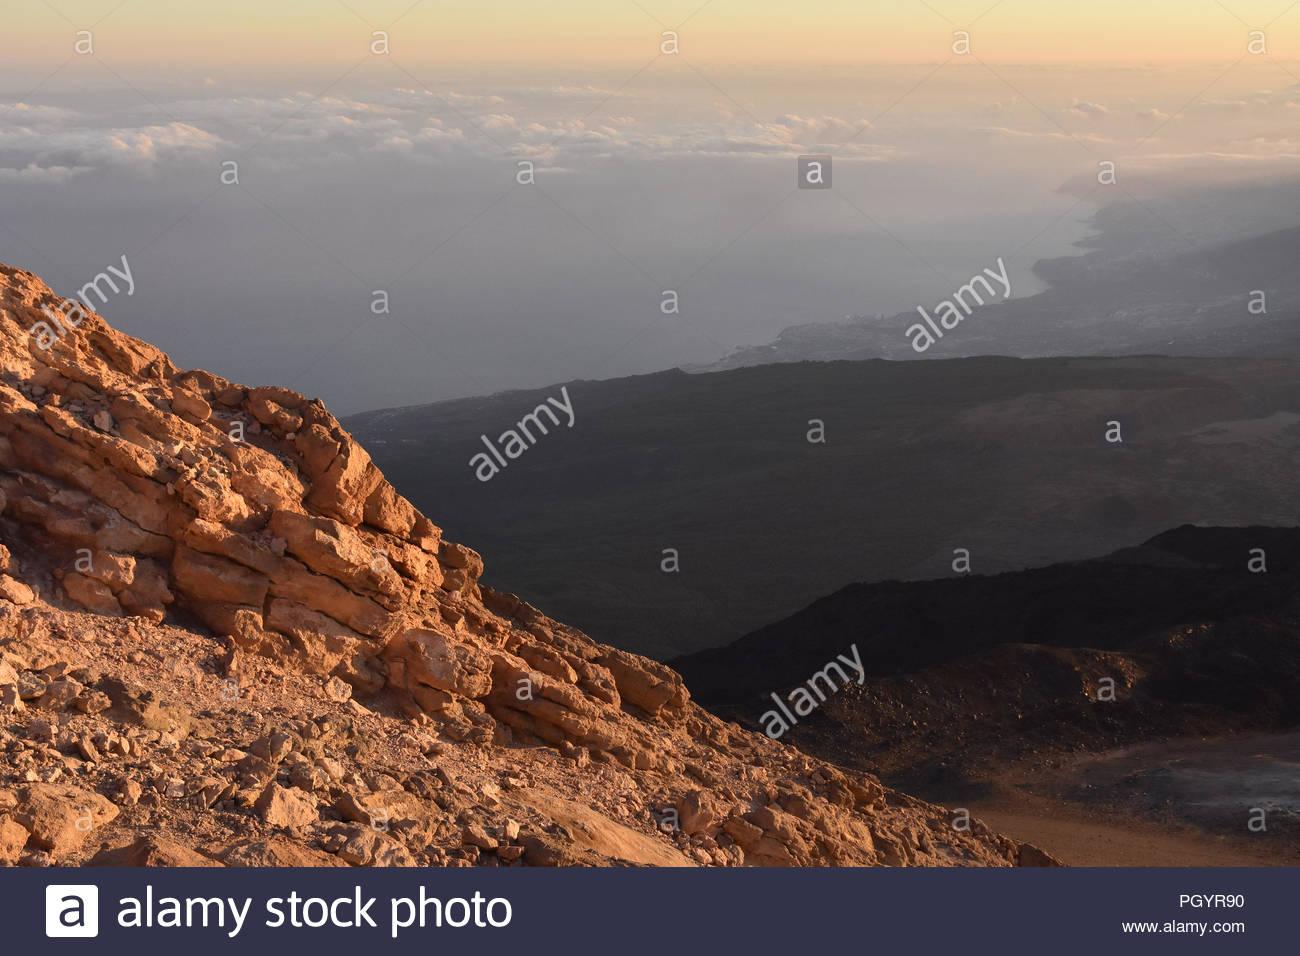 Vulkanische Landschaft von Teneriffa Kanarische Inseln Spanien. Am frühen Morgen Blick in Richtung Nordosten der Insel vom Mount Teide Gipfel (3718 m Höhe). Stockbild